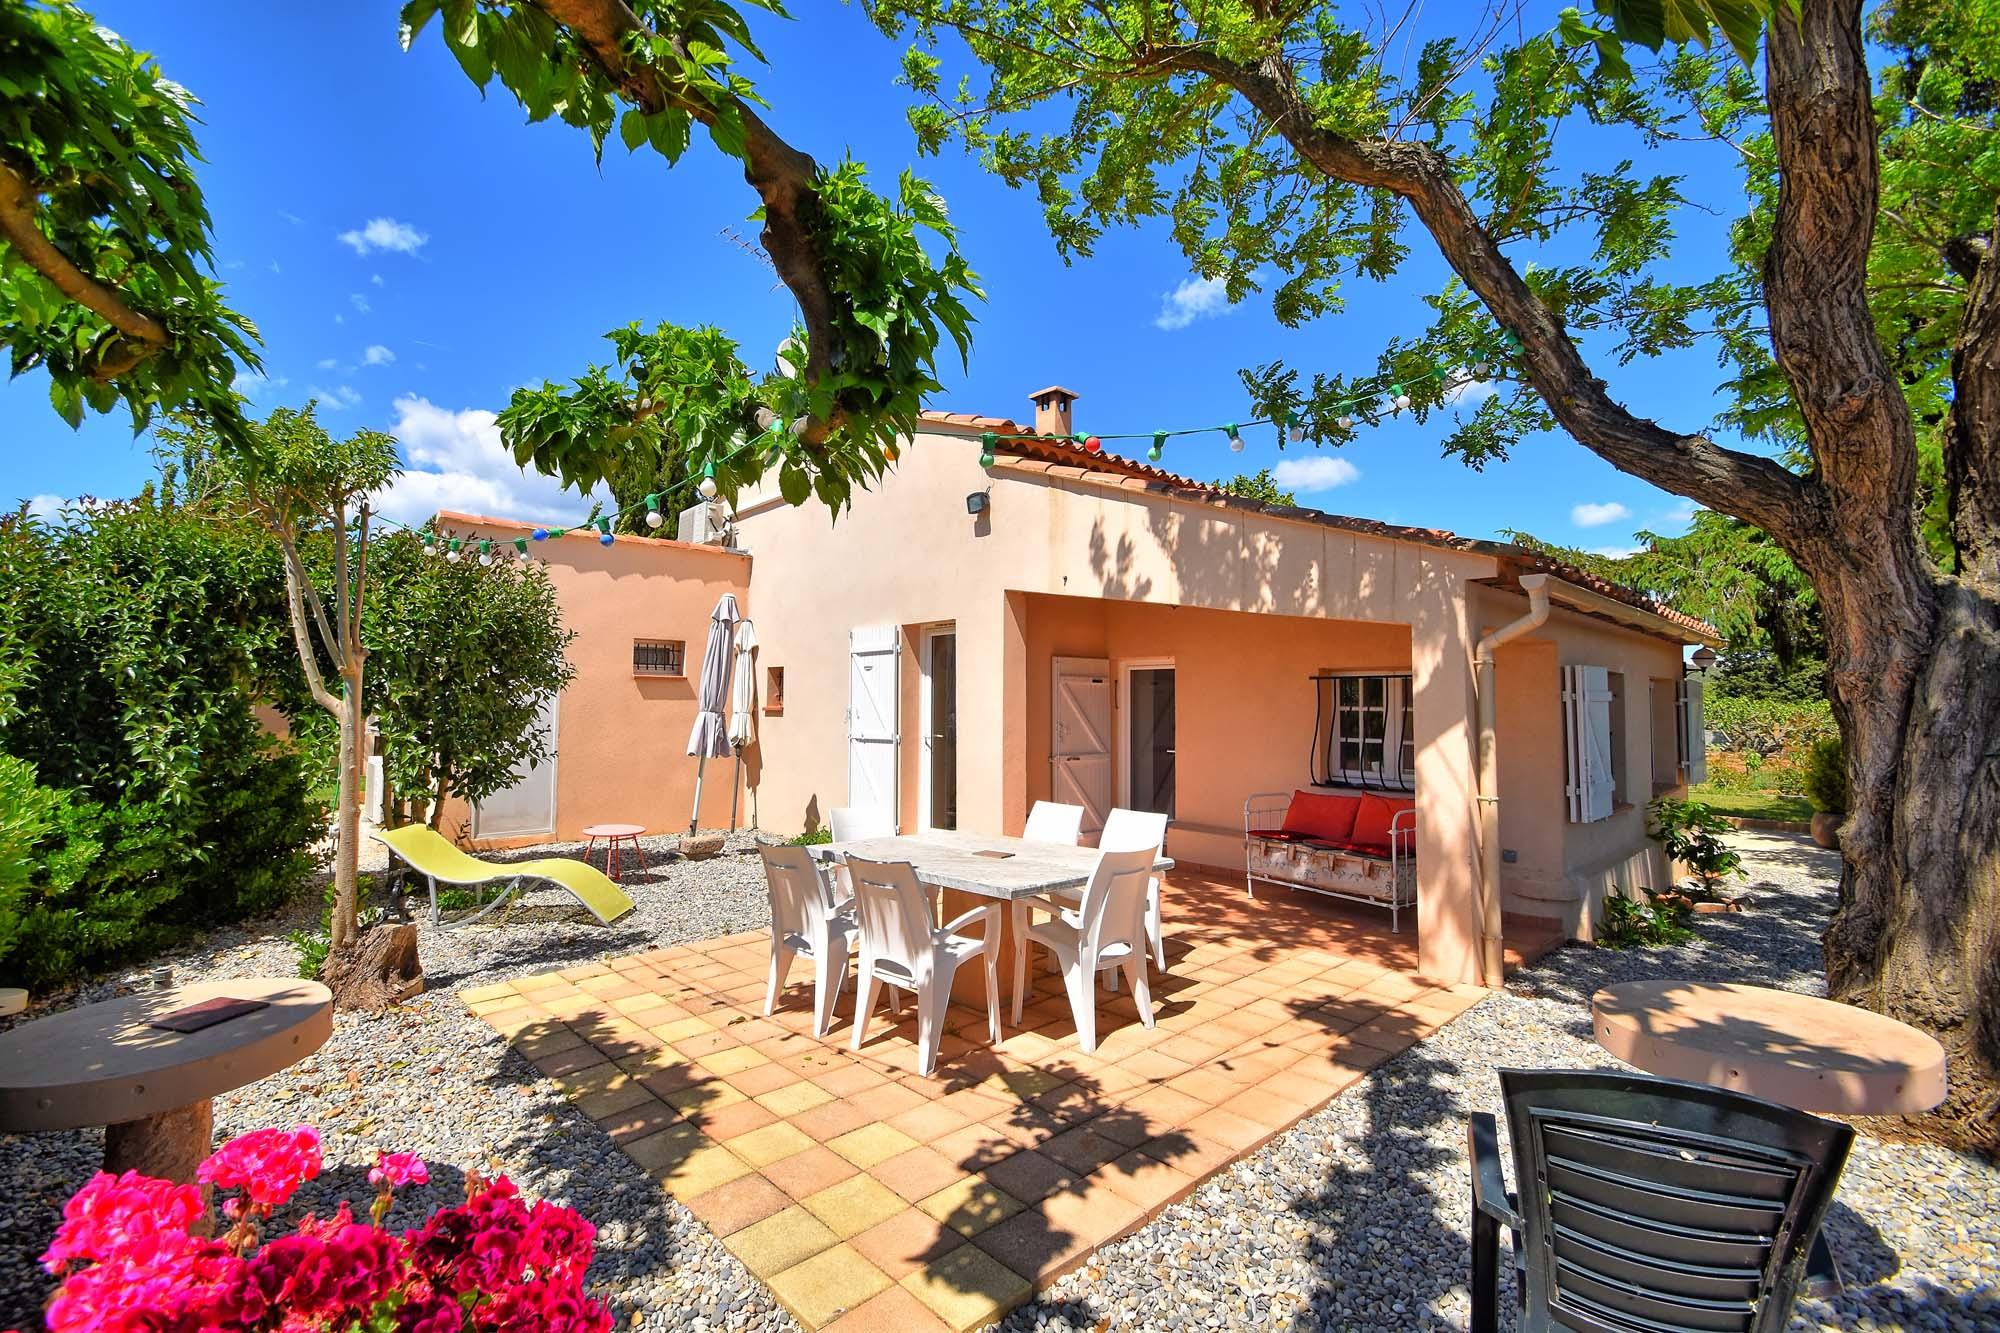 Vakantiehuis in Provence-Côte d'Azur in Solliès-Pont (Frankrijk)